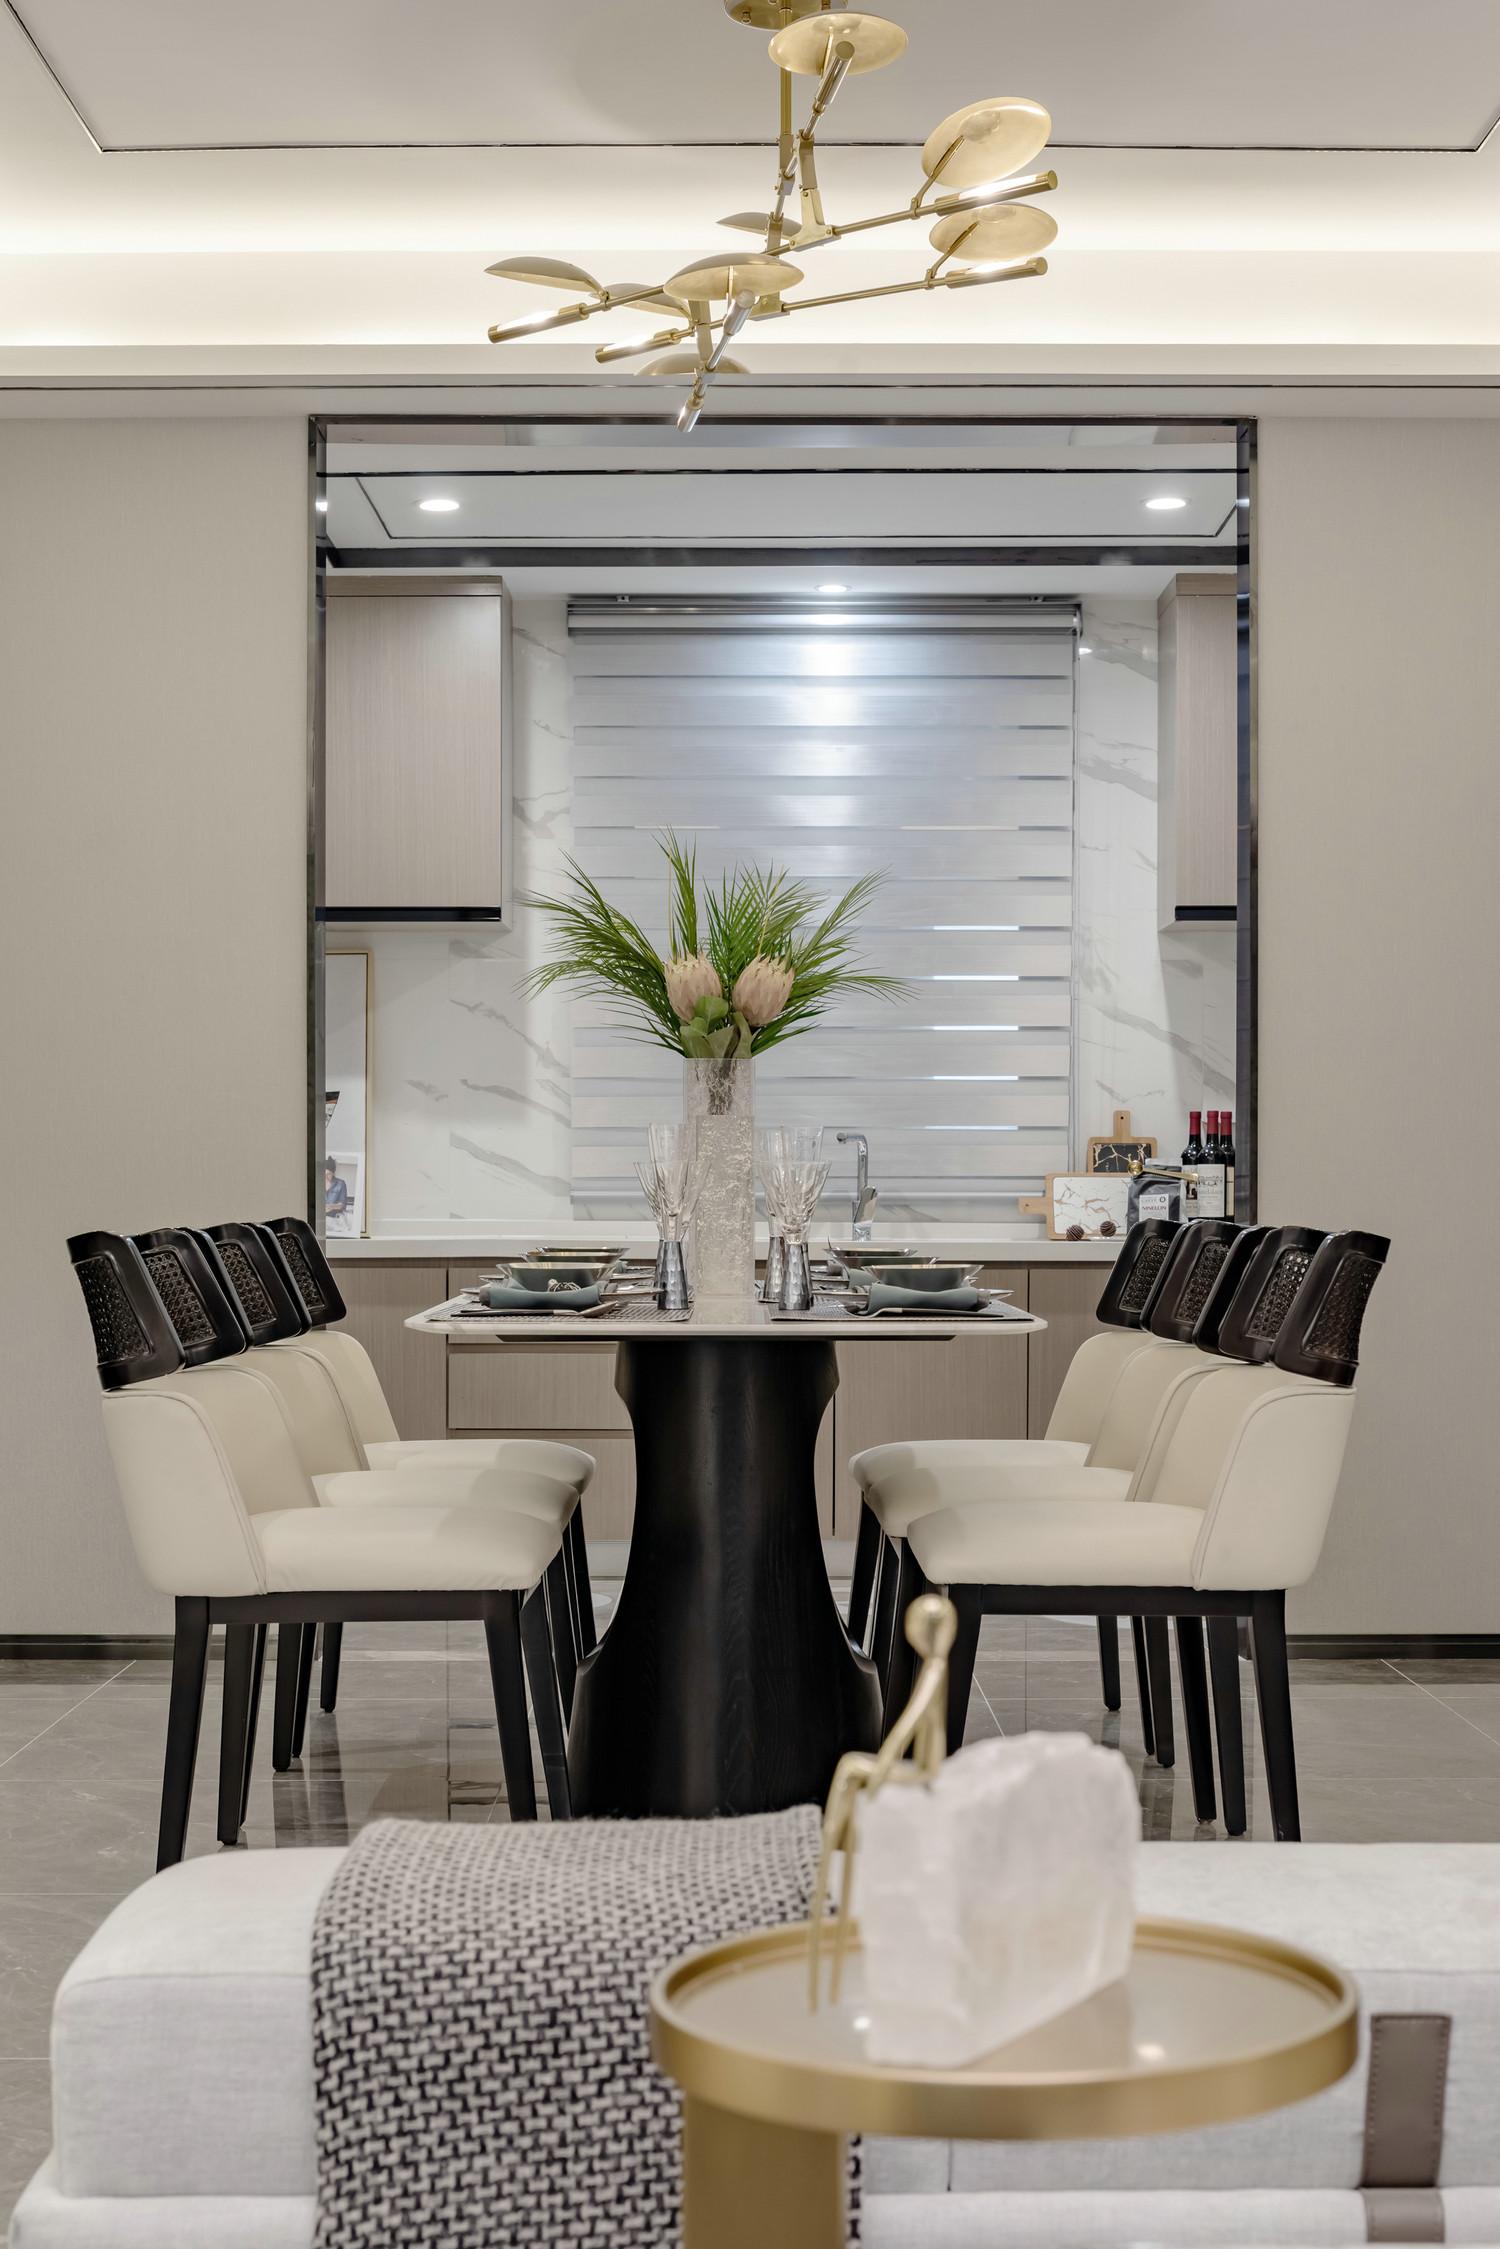 餐厅紧邻窗户,用餐过程中也能享受阳光,设计师在窗边巧妙打造收纳柜,搭配窗台满足收纳也能进行装饰。